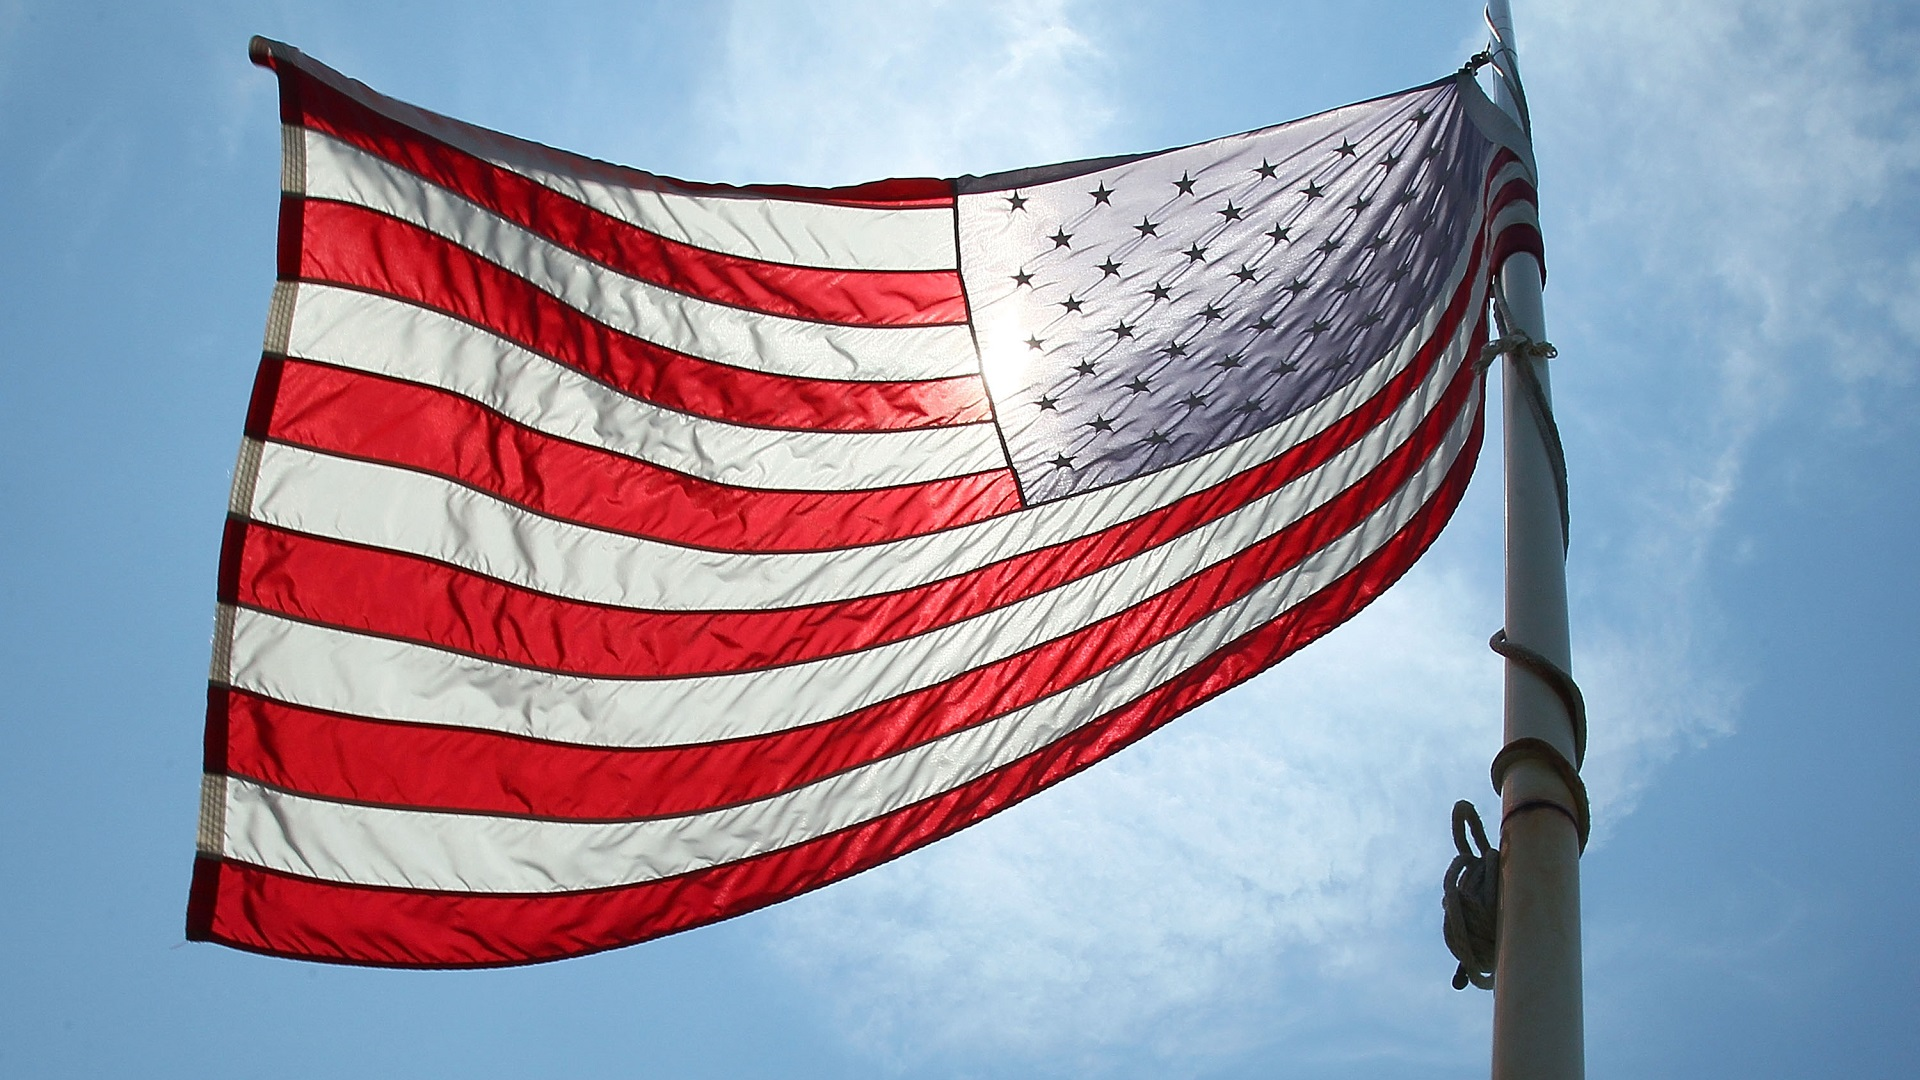 AMERICAN FLAG GENERIC FILE